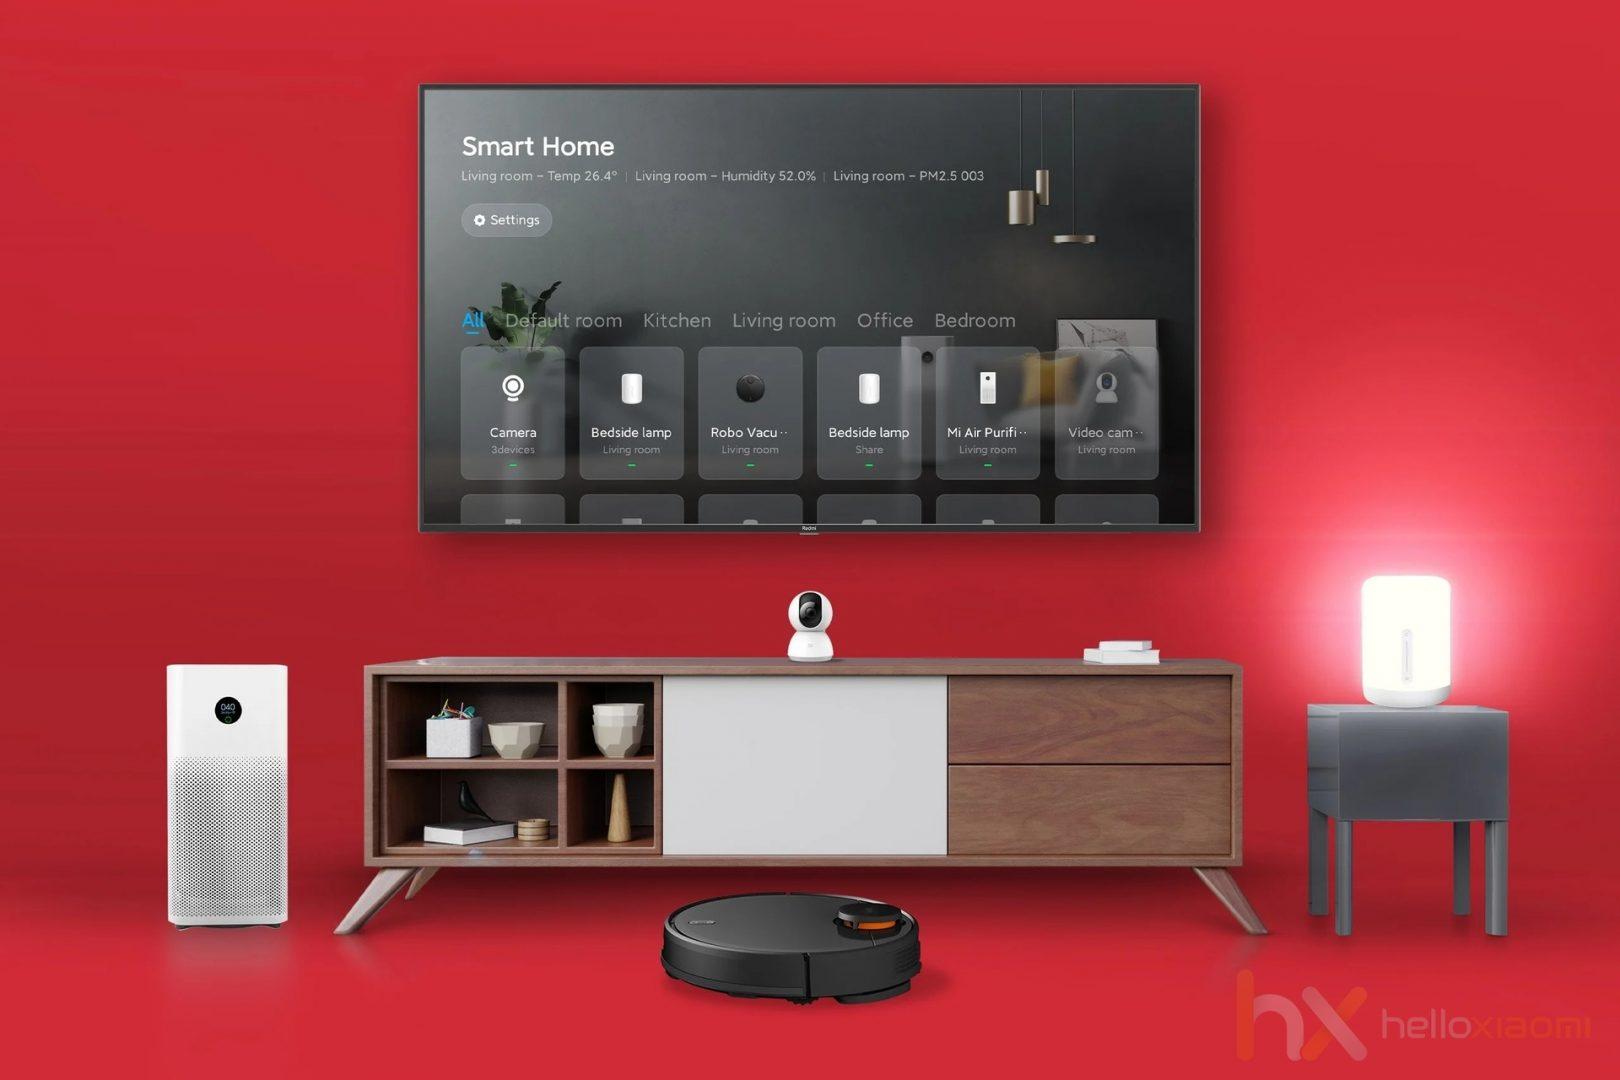 Redmi TV - Mi home